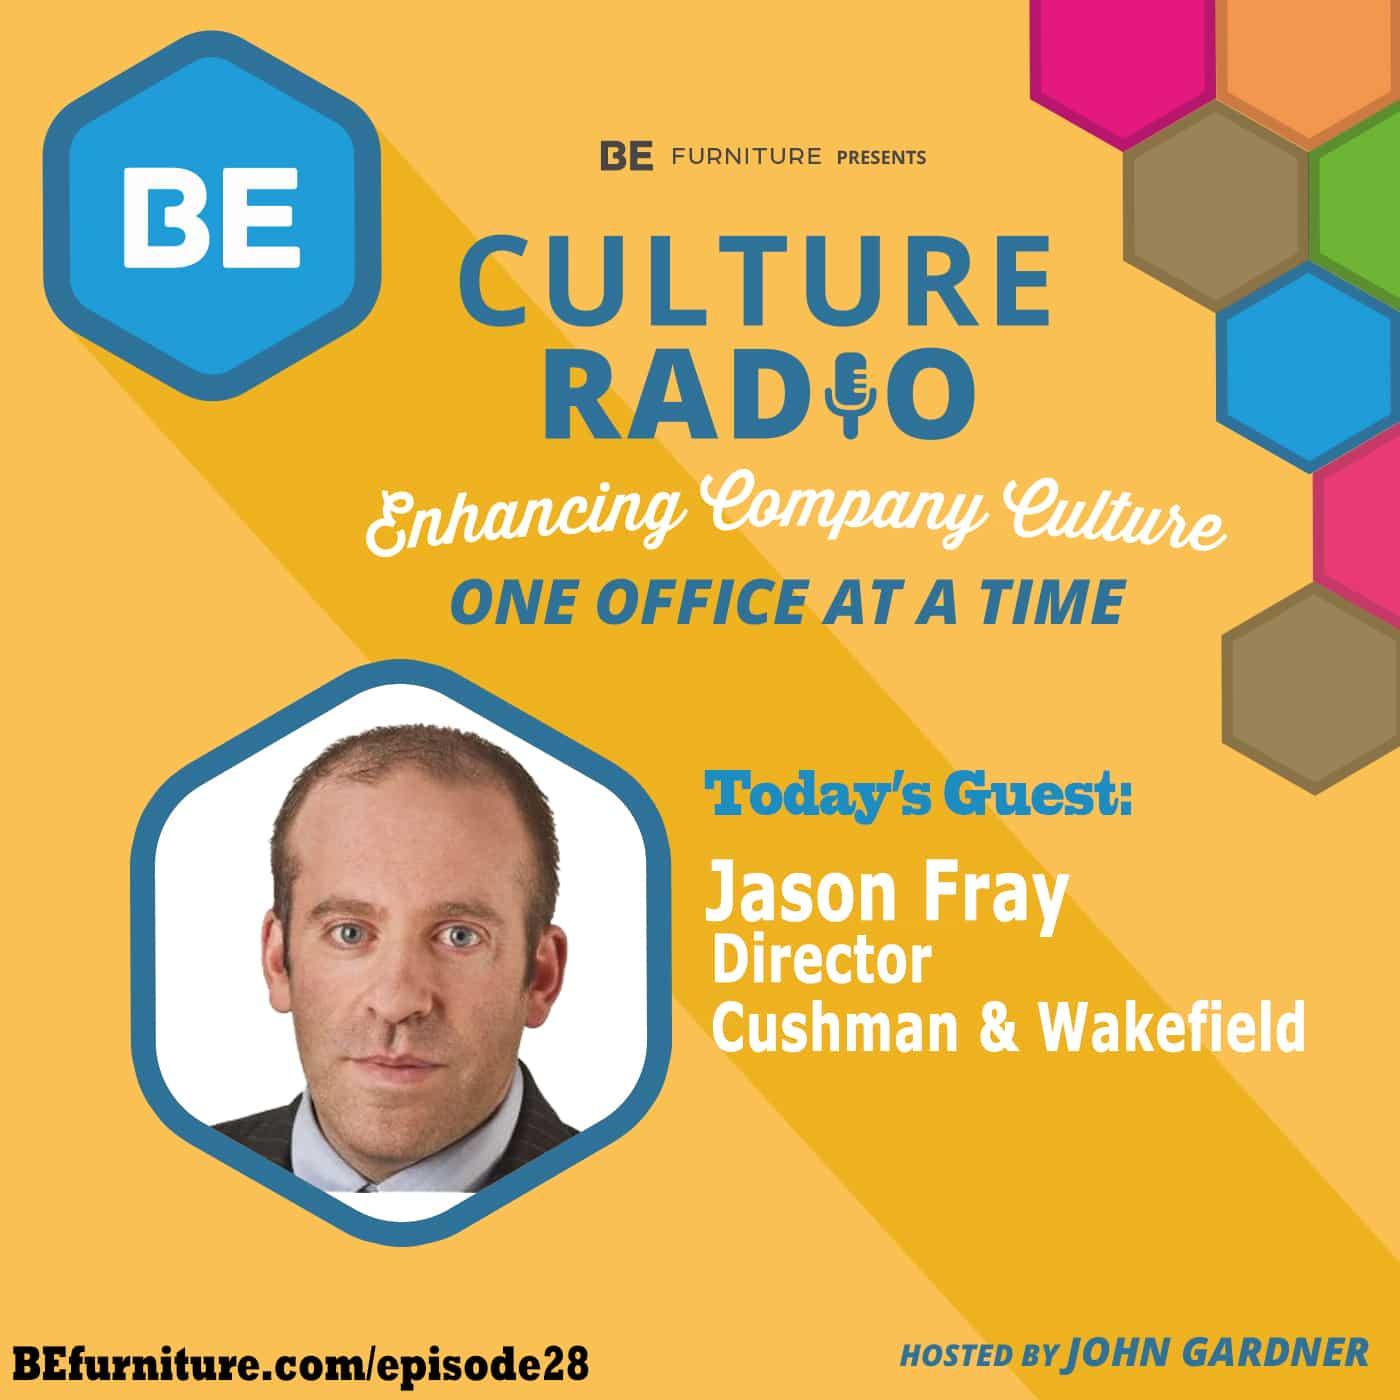 Jason Fray - Director, Cushman & Wakefield